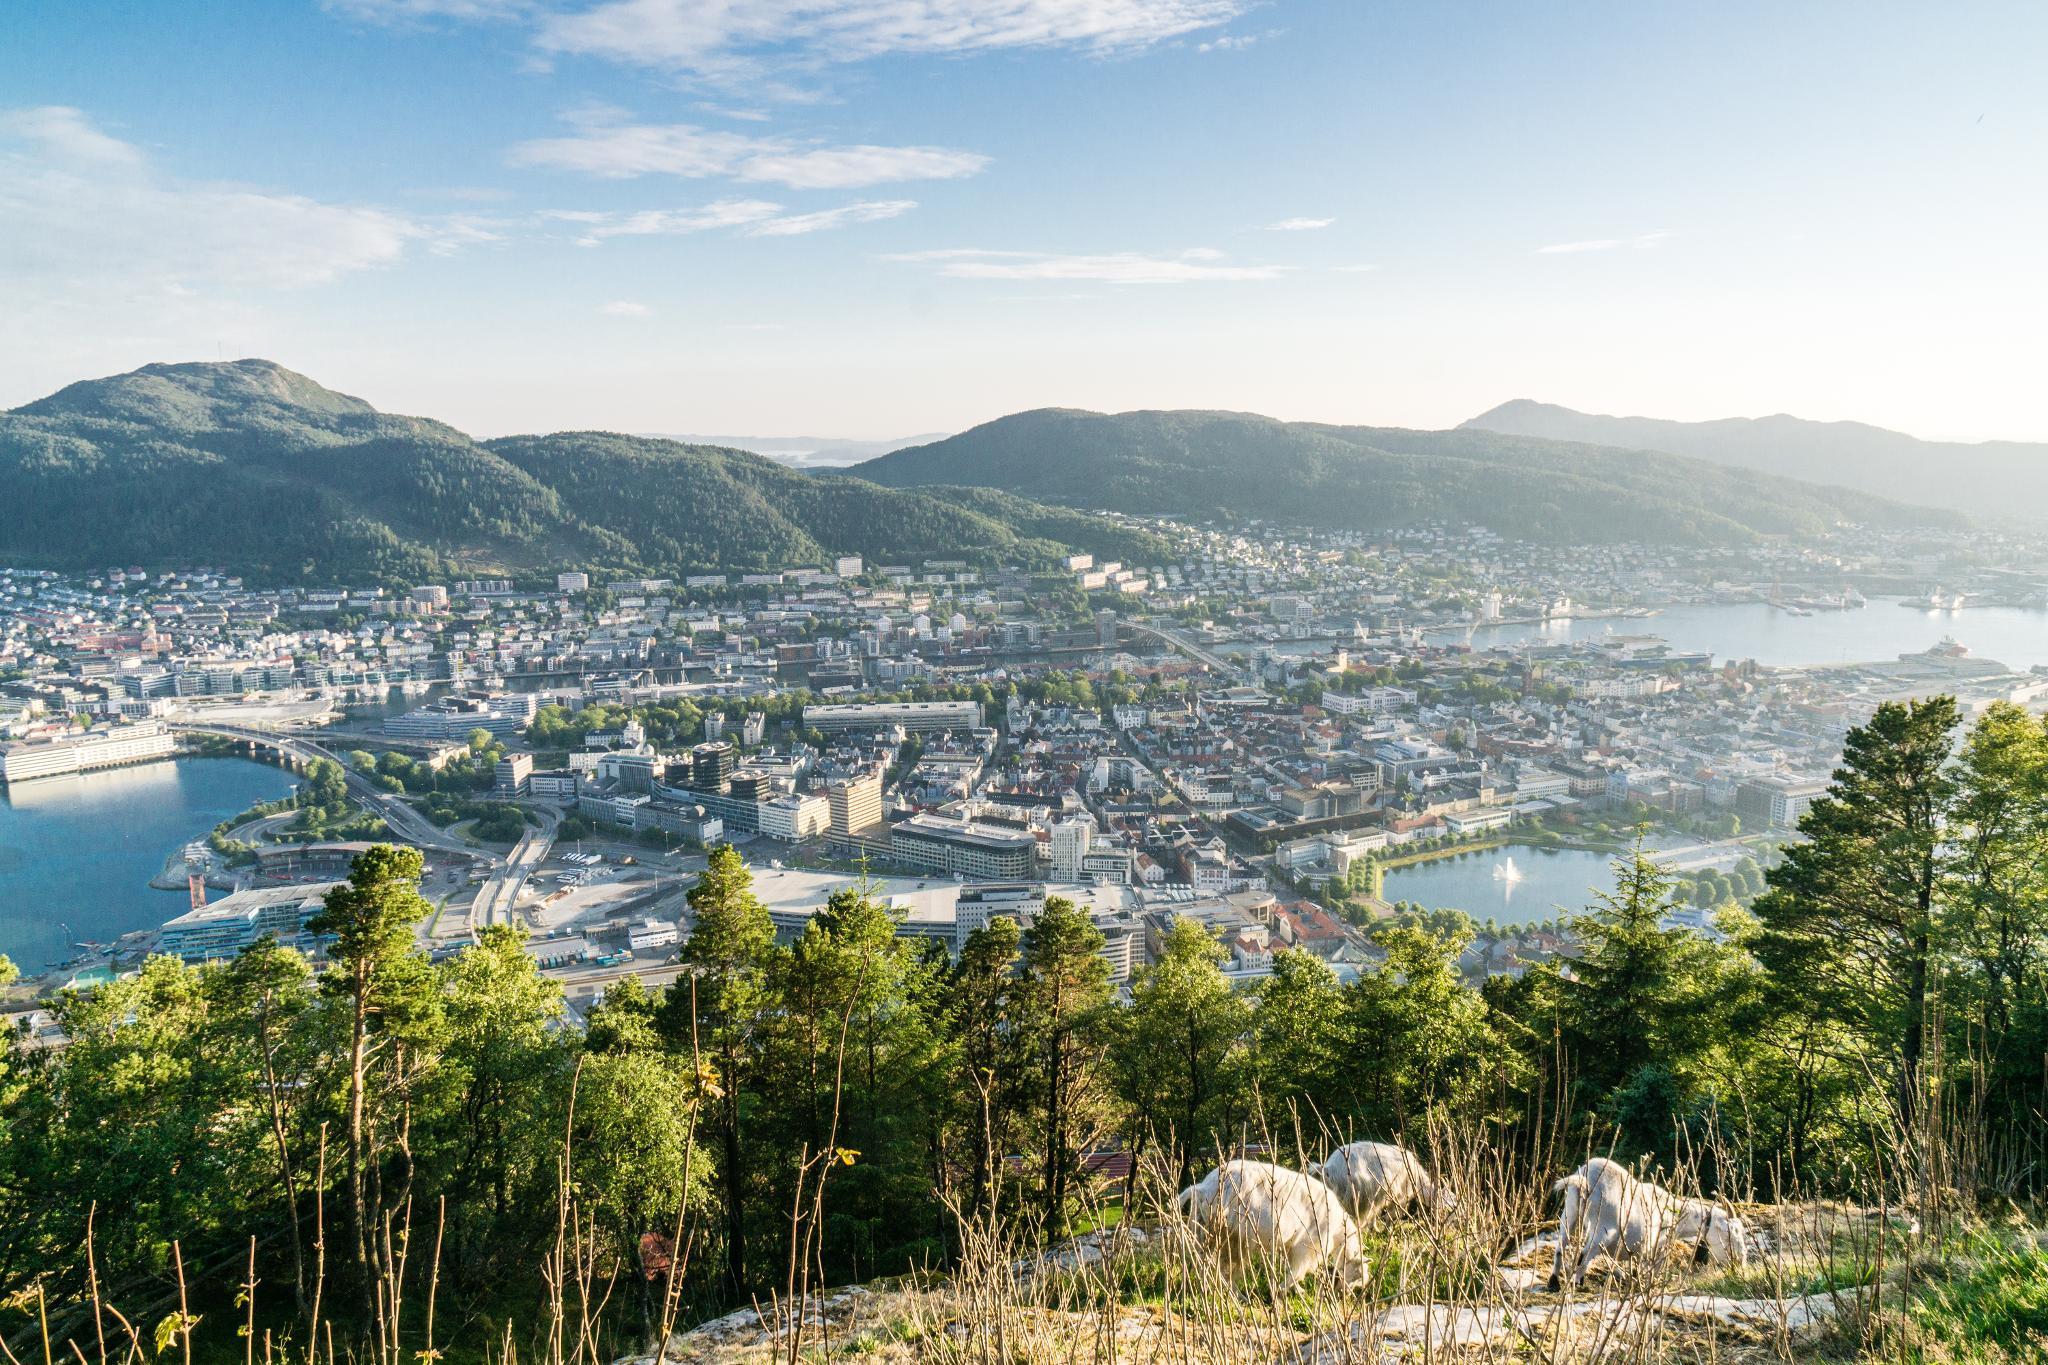 【卑爾根】Fløyen 佛洛伊恩山纜車與觀景台 — 擁抱文化港都的百萬美景 103